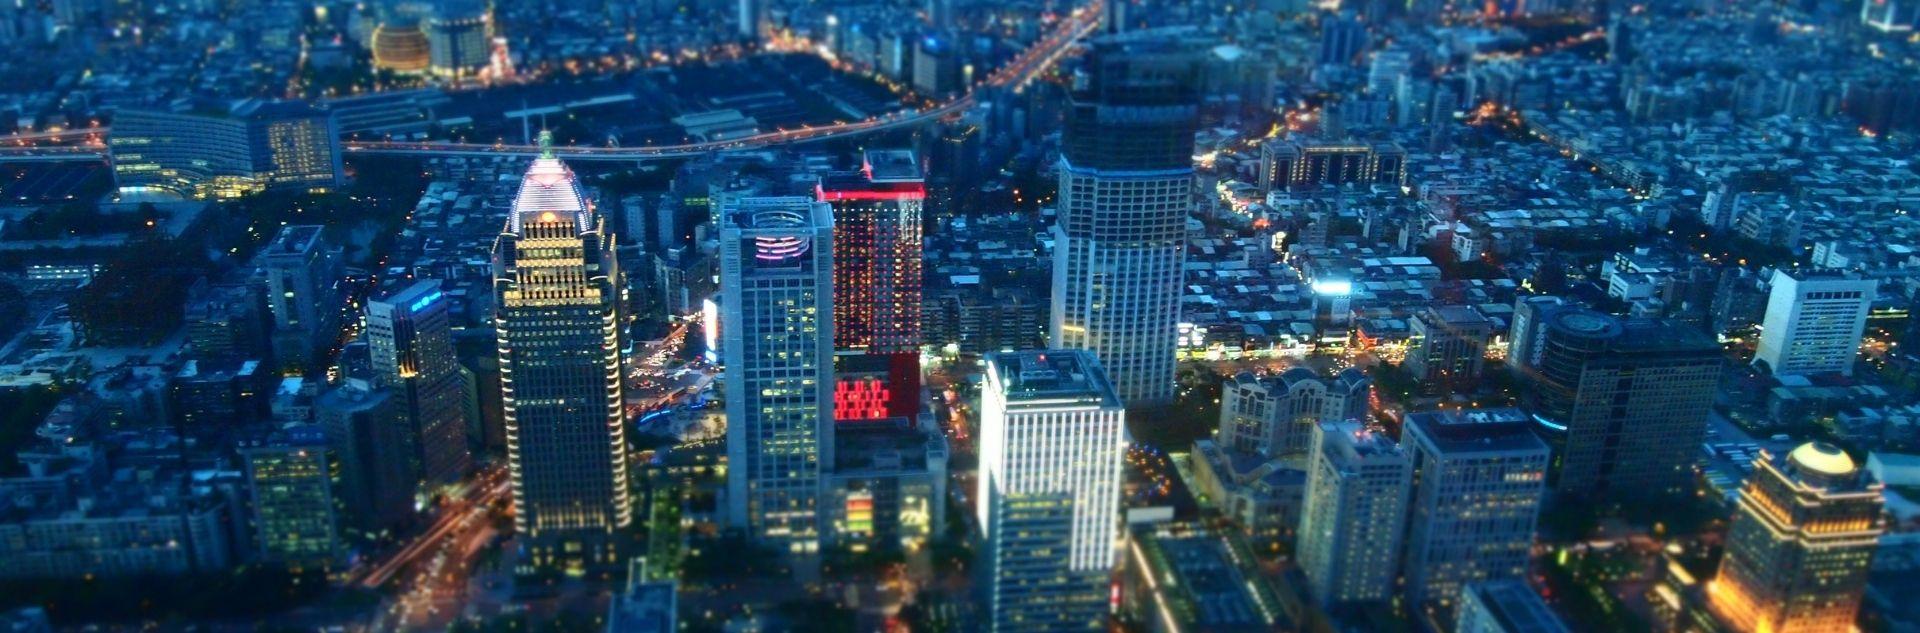 Blick auf Taipeh City bei Nacht